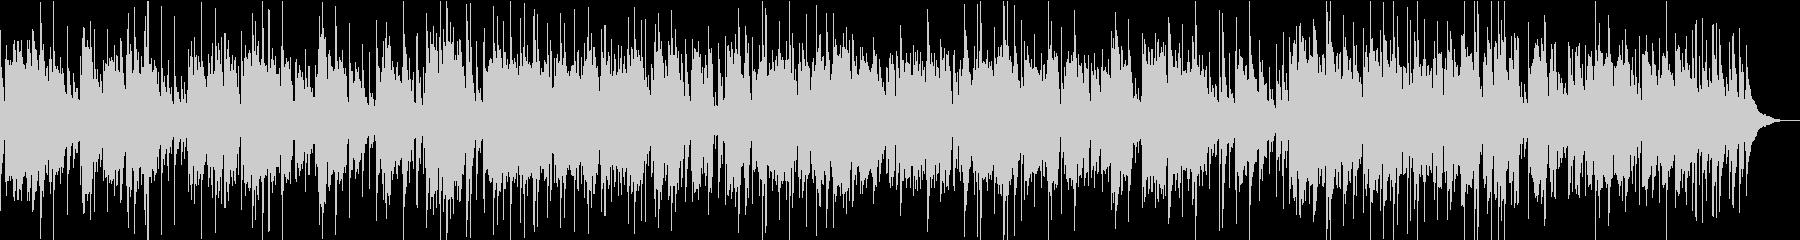 生音・しっとり大人のカフェボサノバの未再生の波形